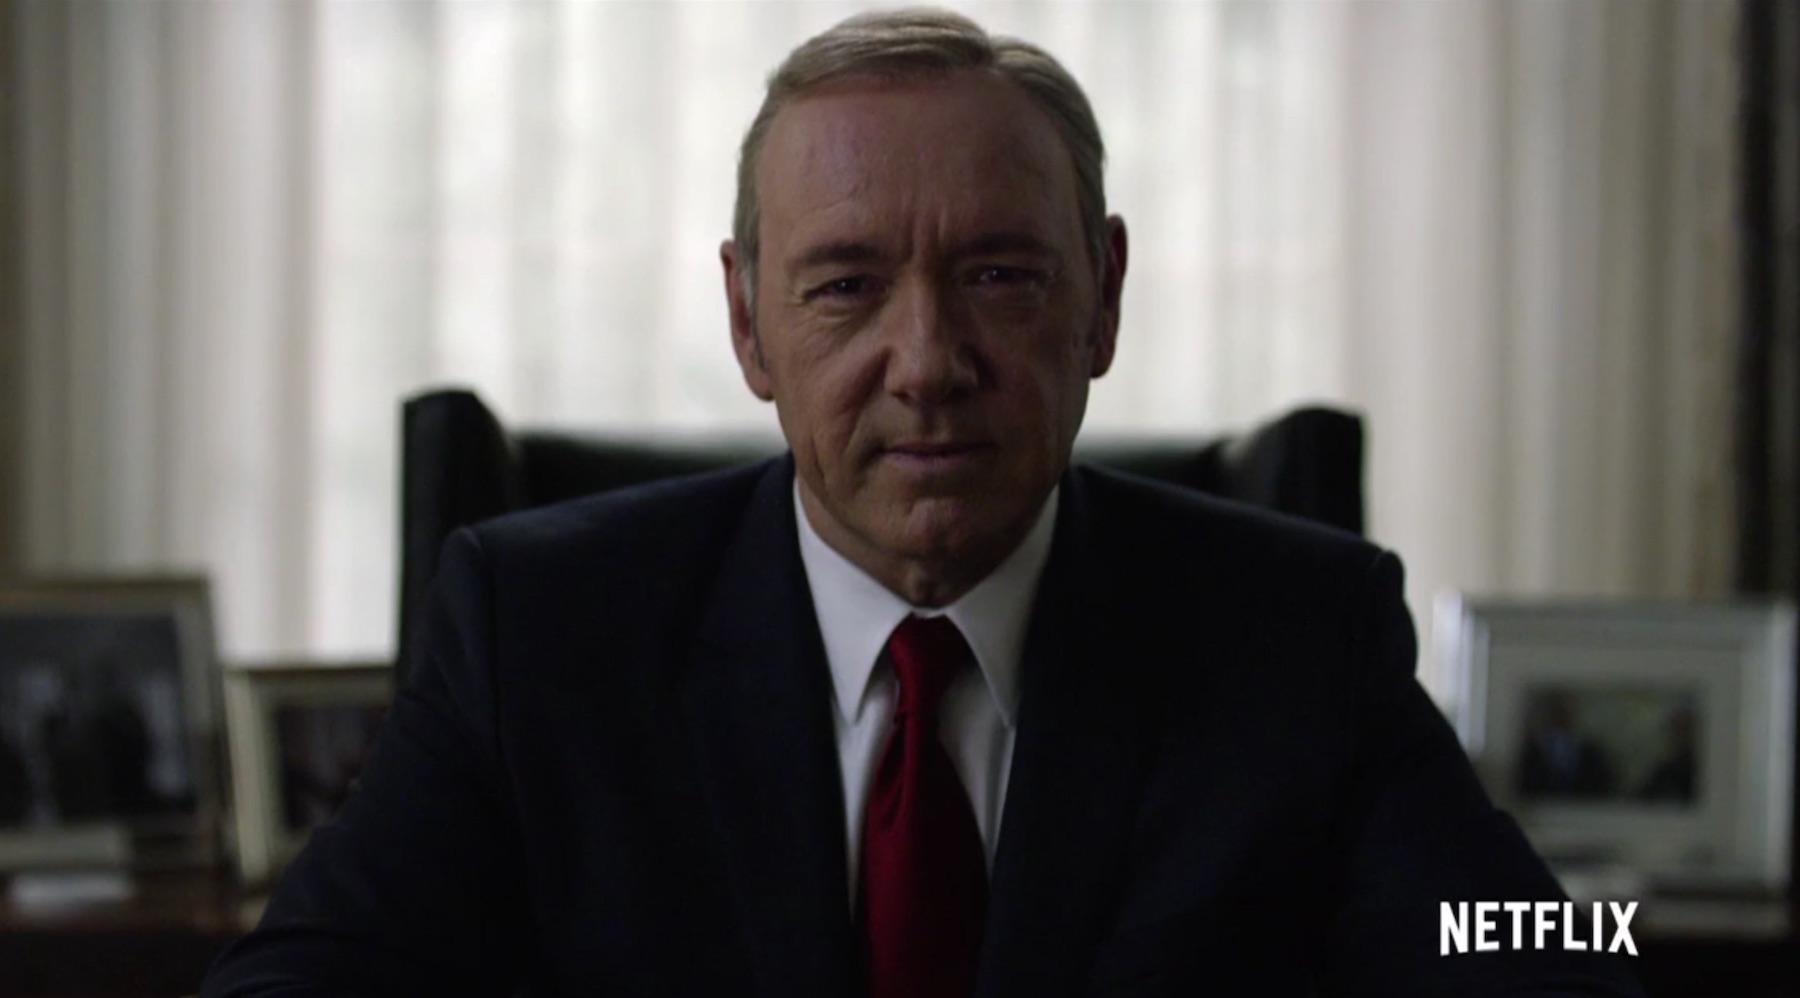 Aquí tienes el nuevo tráiler de la cuarta temporada de House of Cards